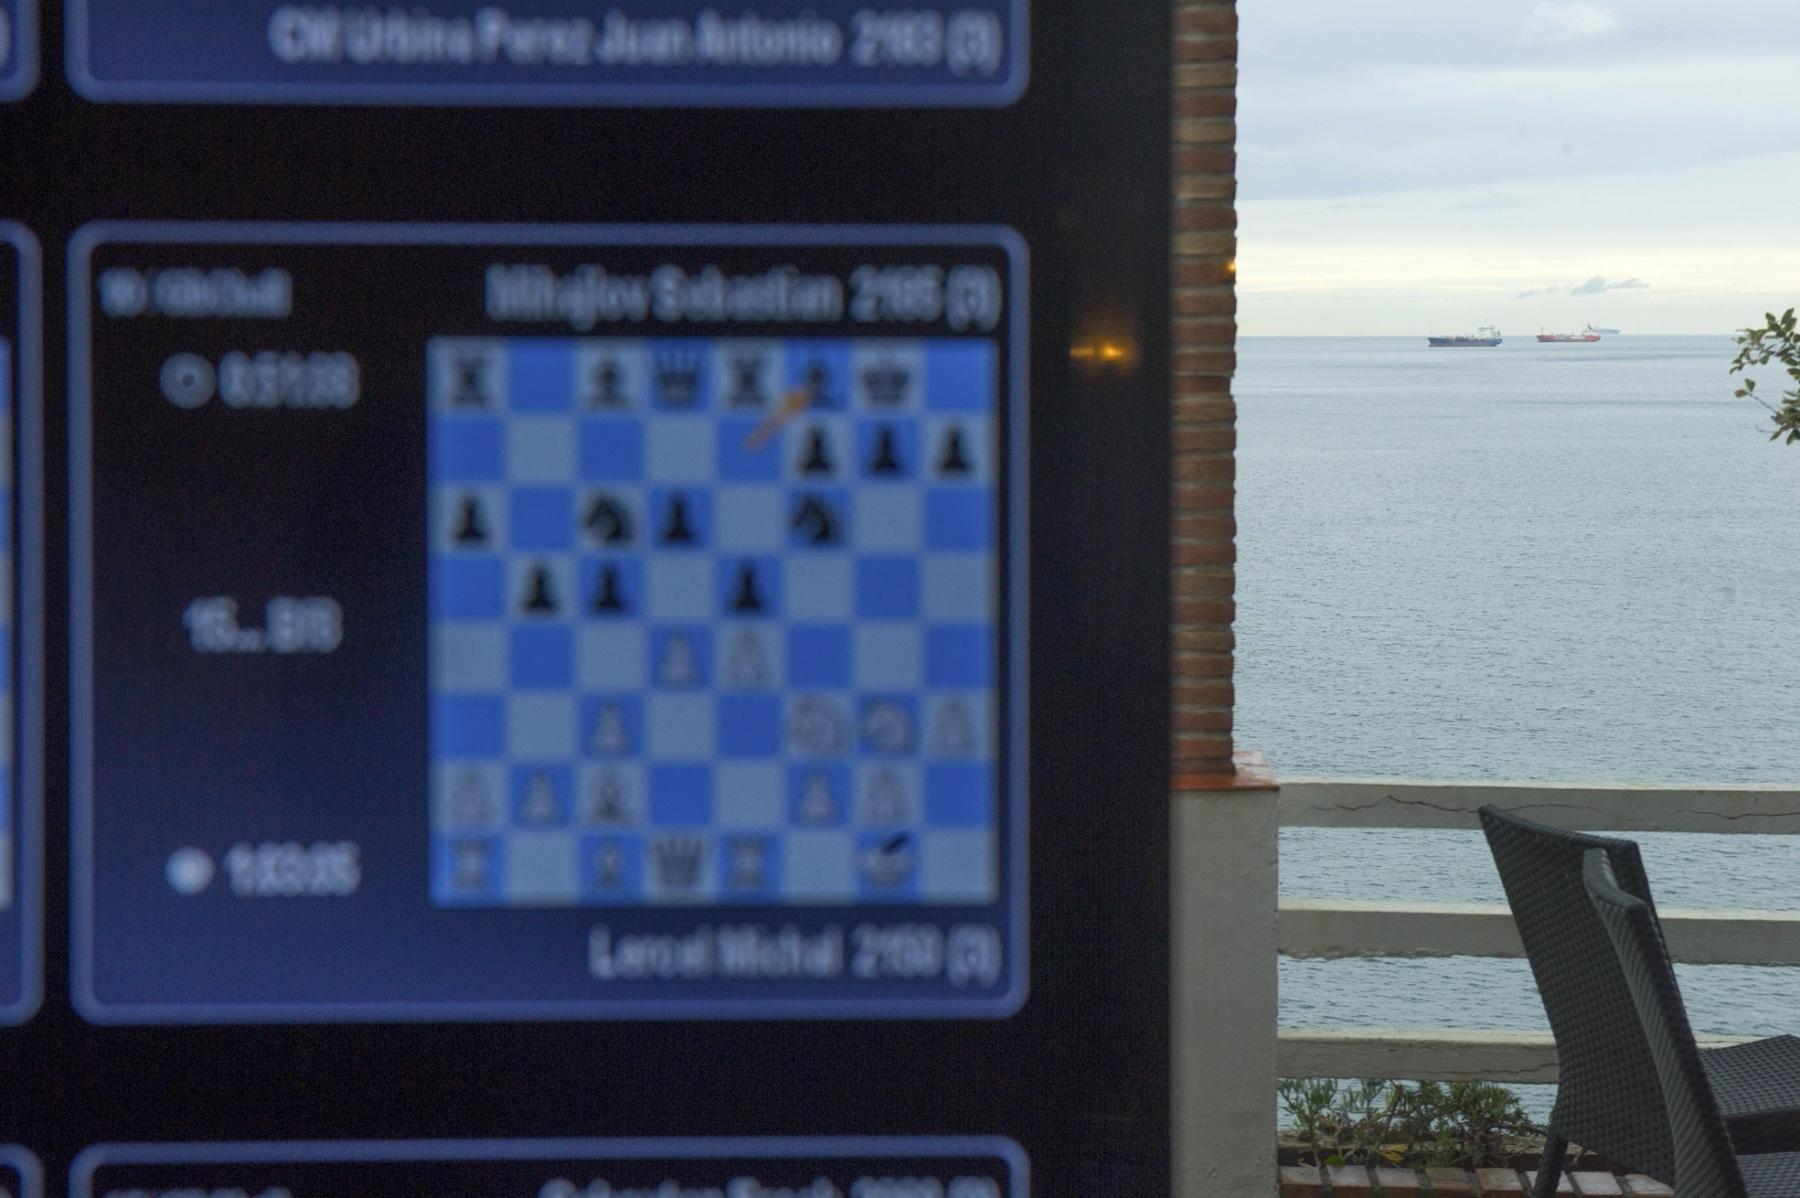 tradewise-chess-festival-entrevistas-y-ambiente02_12249462324_o